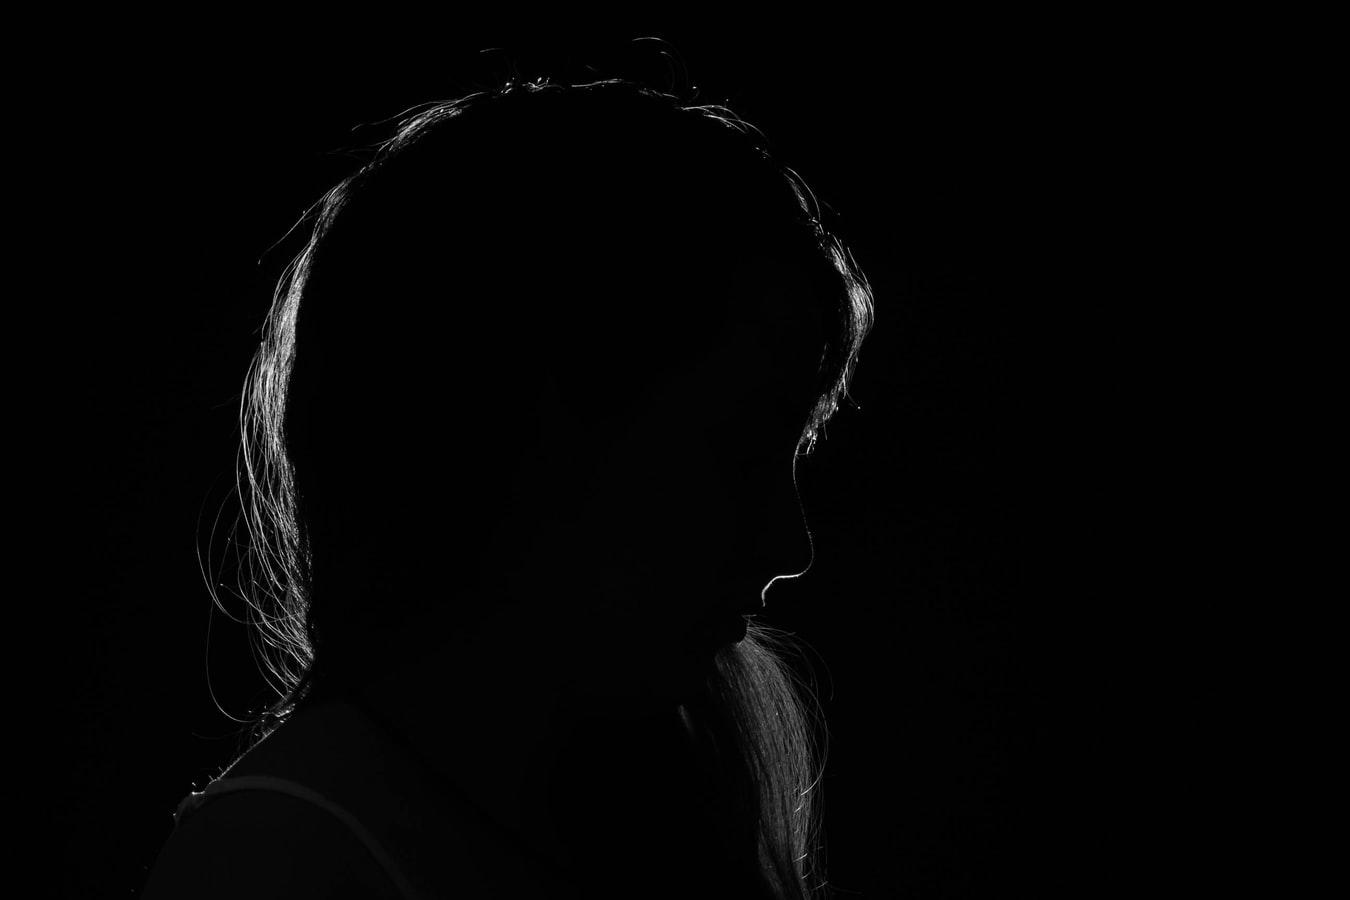 Ντροπή και συναισθηματική κακοποίηση